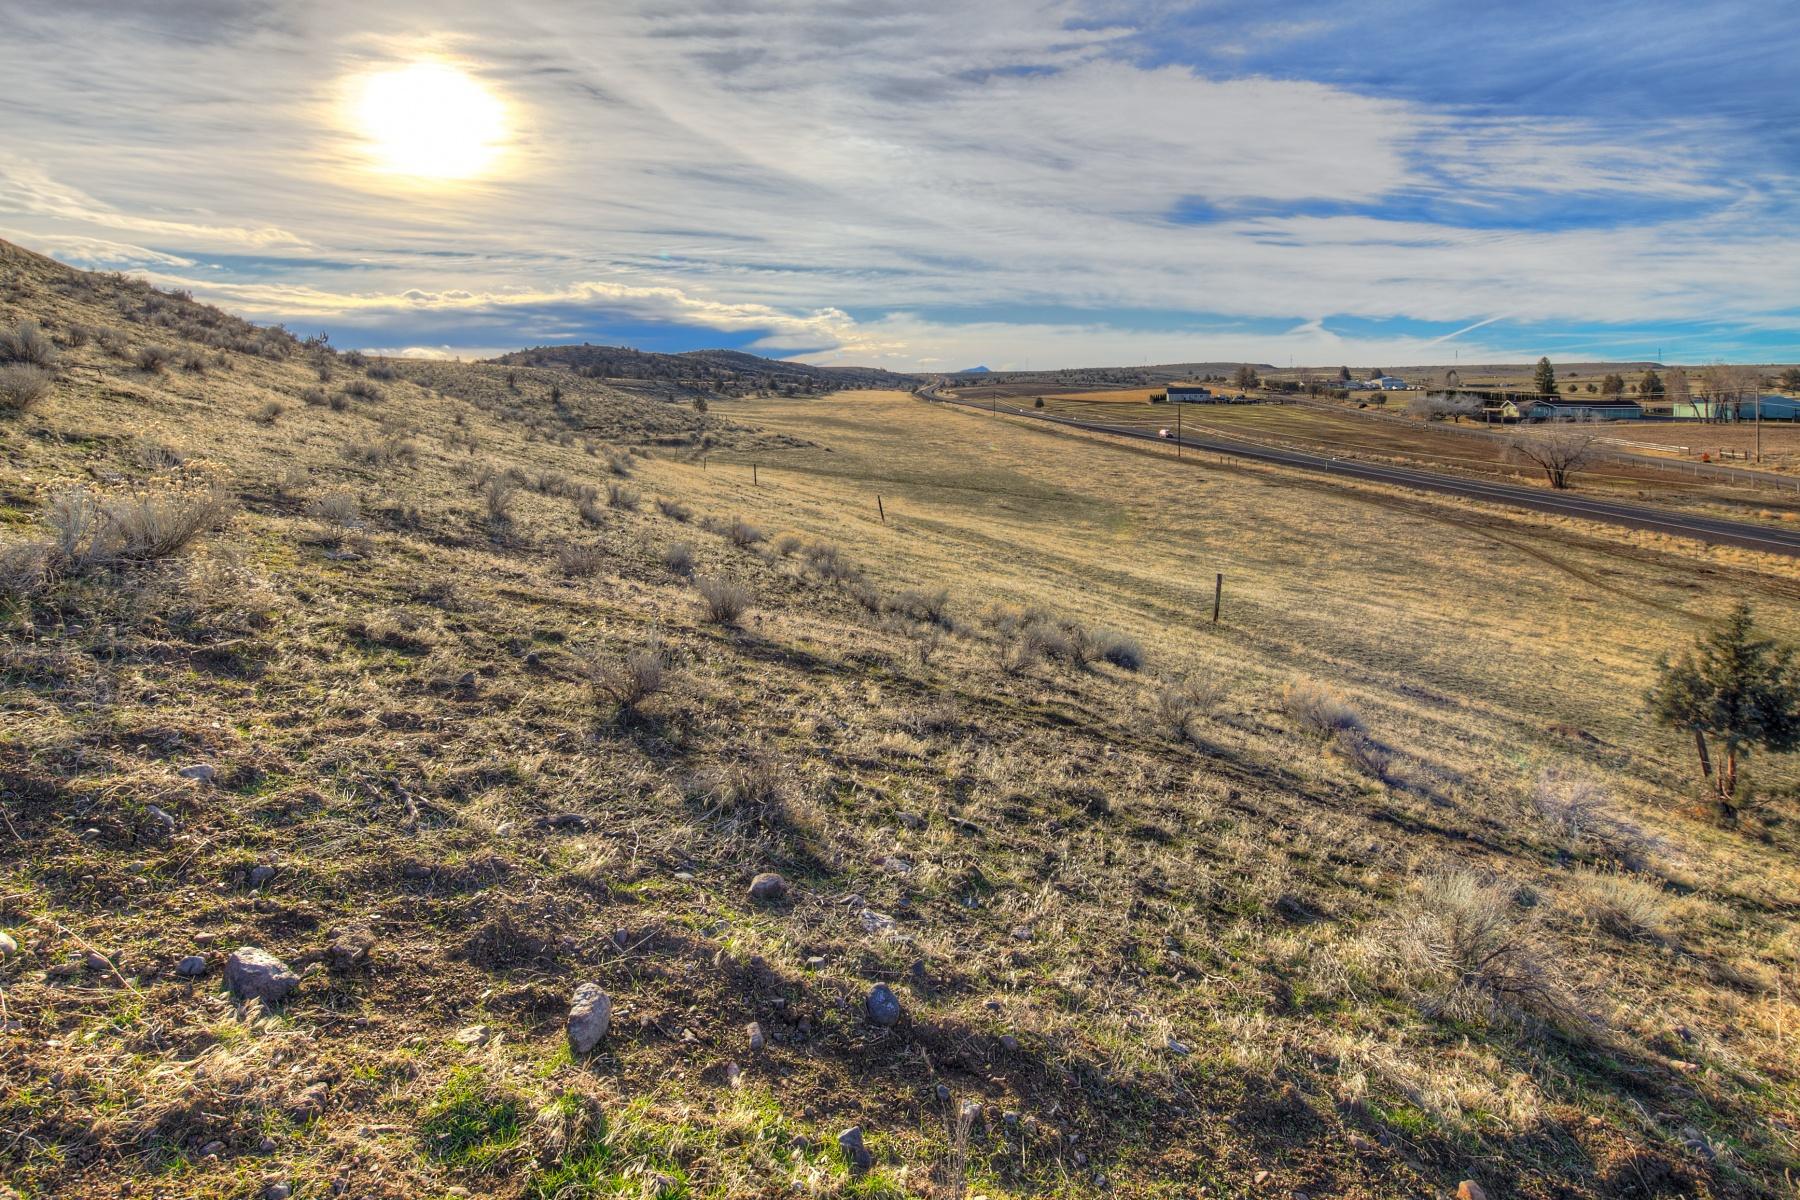 独户住宅 为 销售 在 Endless Views, Endless Possibilities 3307 S Adams Dr 马德拉斯棉布, 俄勒冈州, 97741 美国